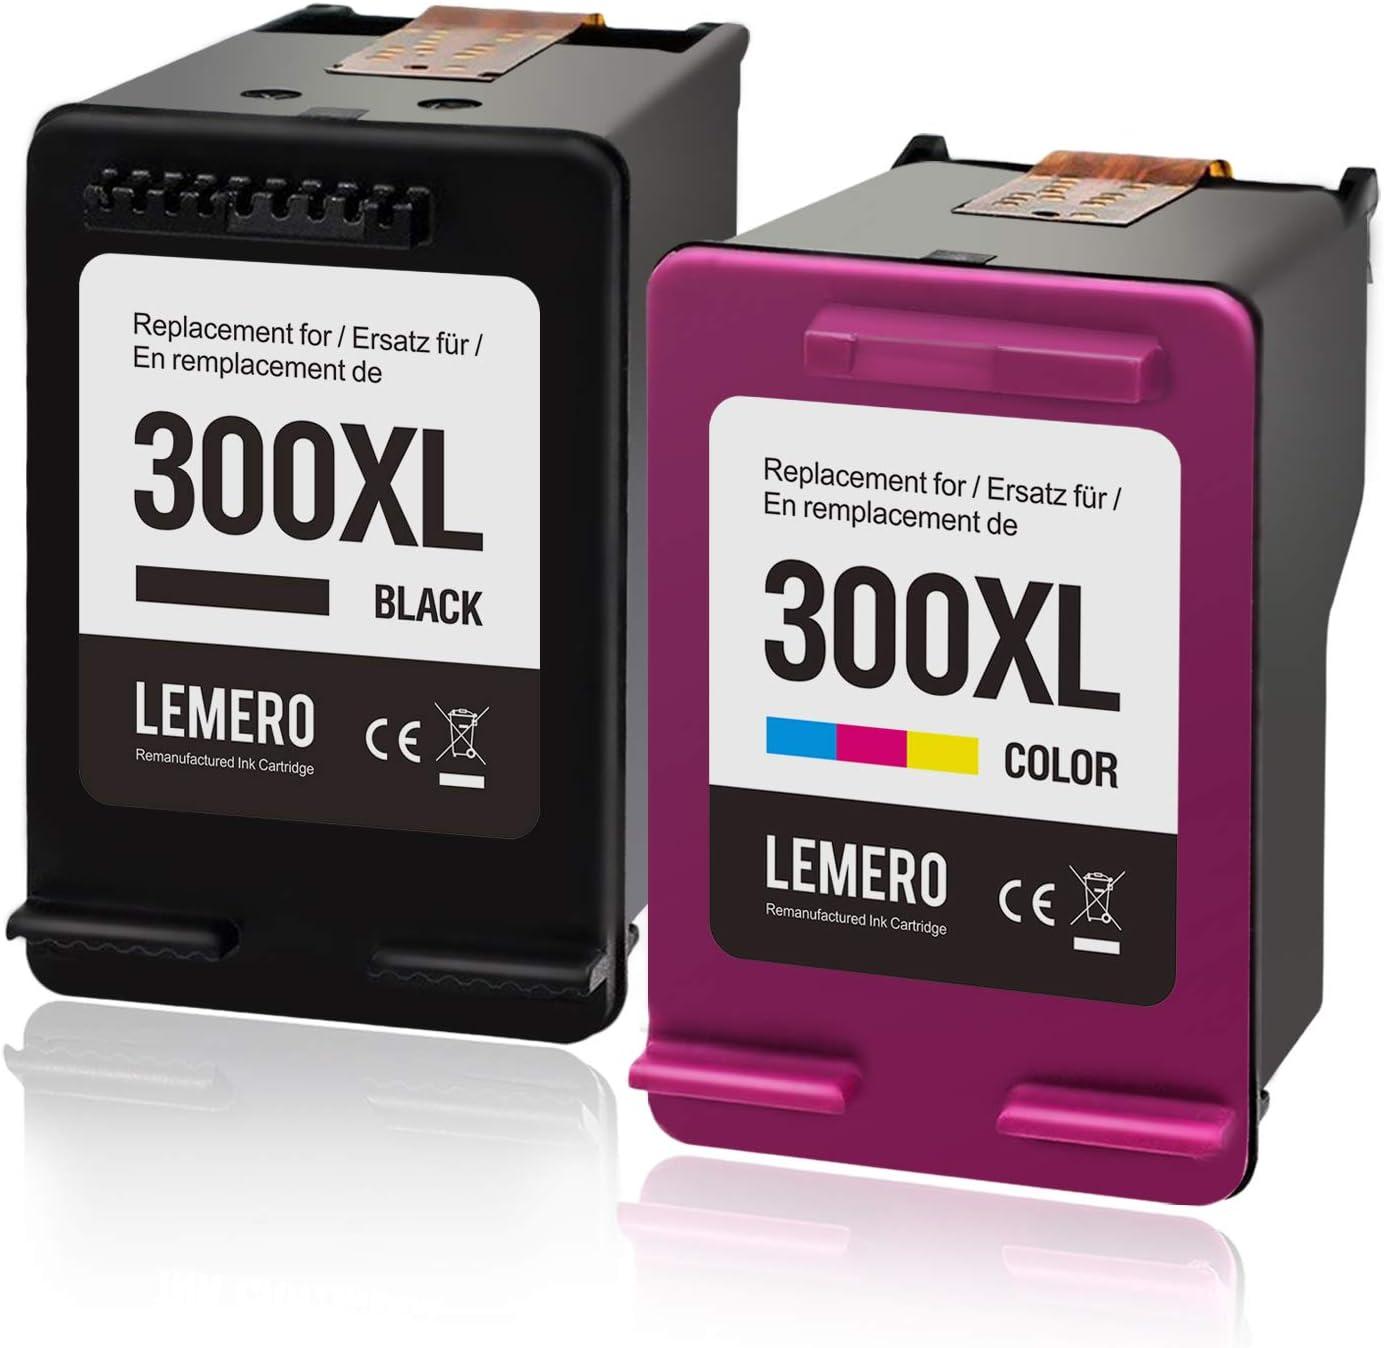 LEMERO 300XL Cartuchos de Tinta Tompatibles para HP 300XL para HP Deskjet F4280 F4580 D1660 D2560 D2660 D5560 F4240 Envy 114 120 110 Photosmart C4780 C4680 D110a(Color Negro)